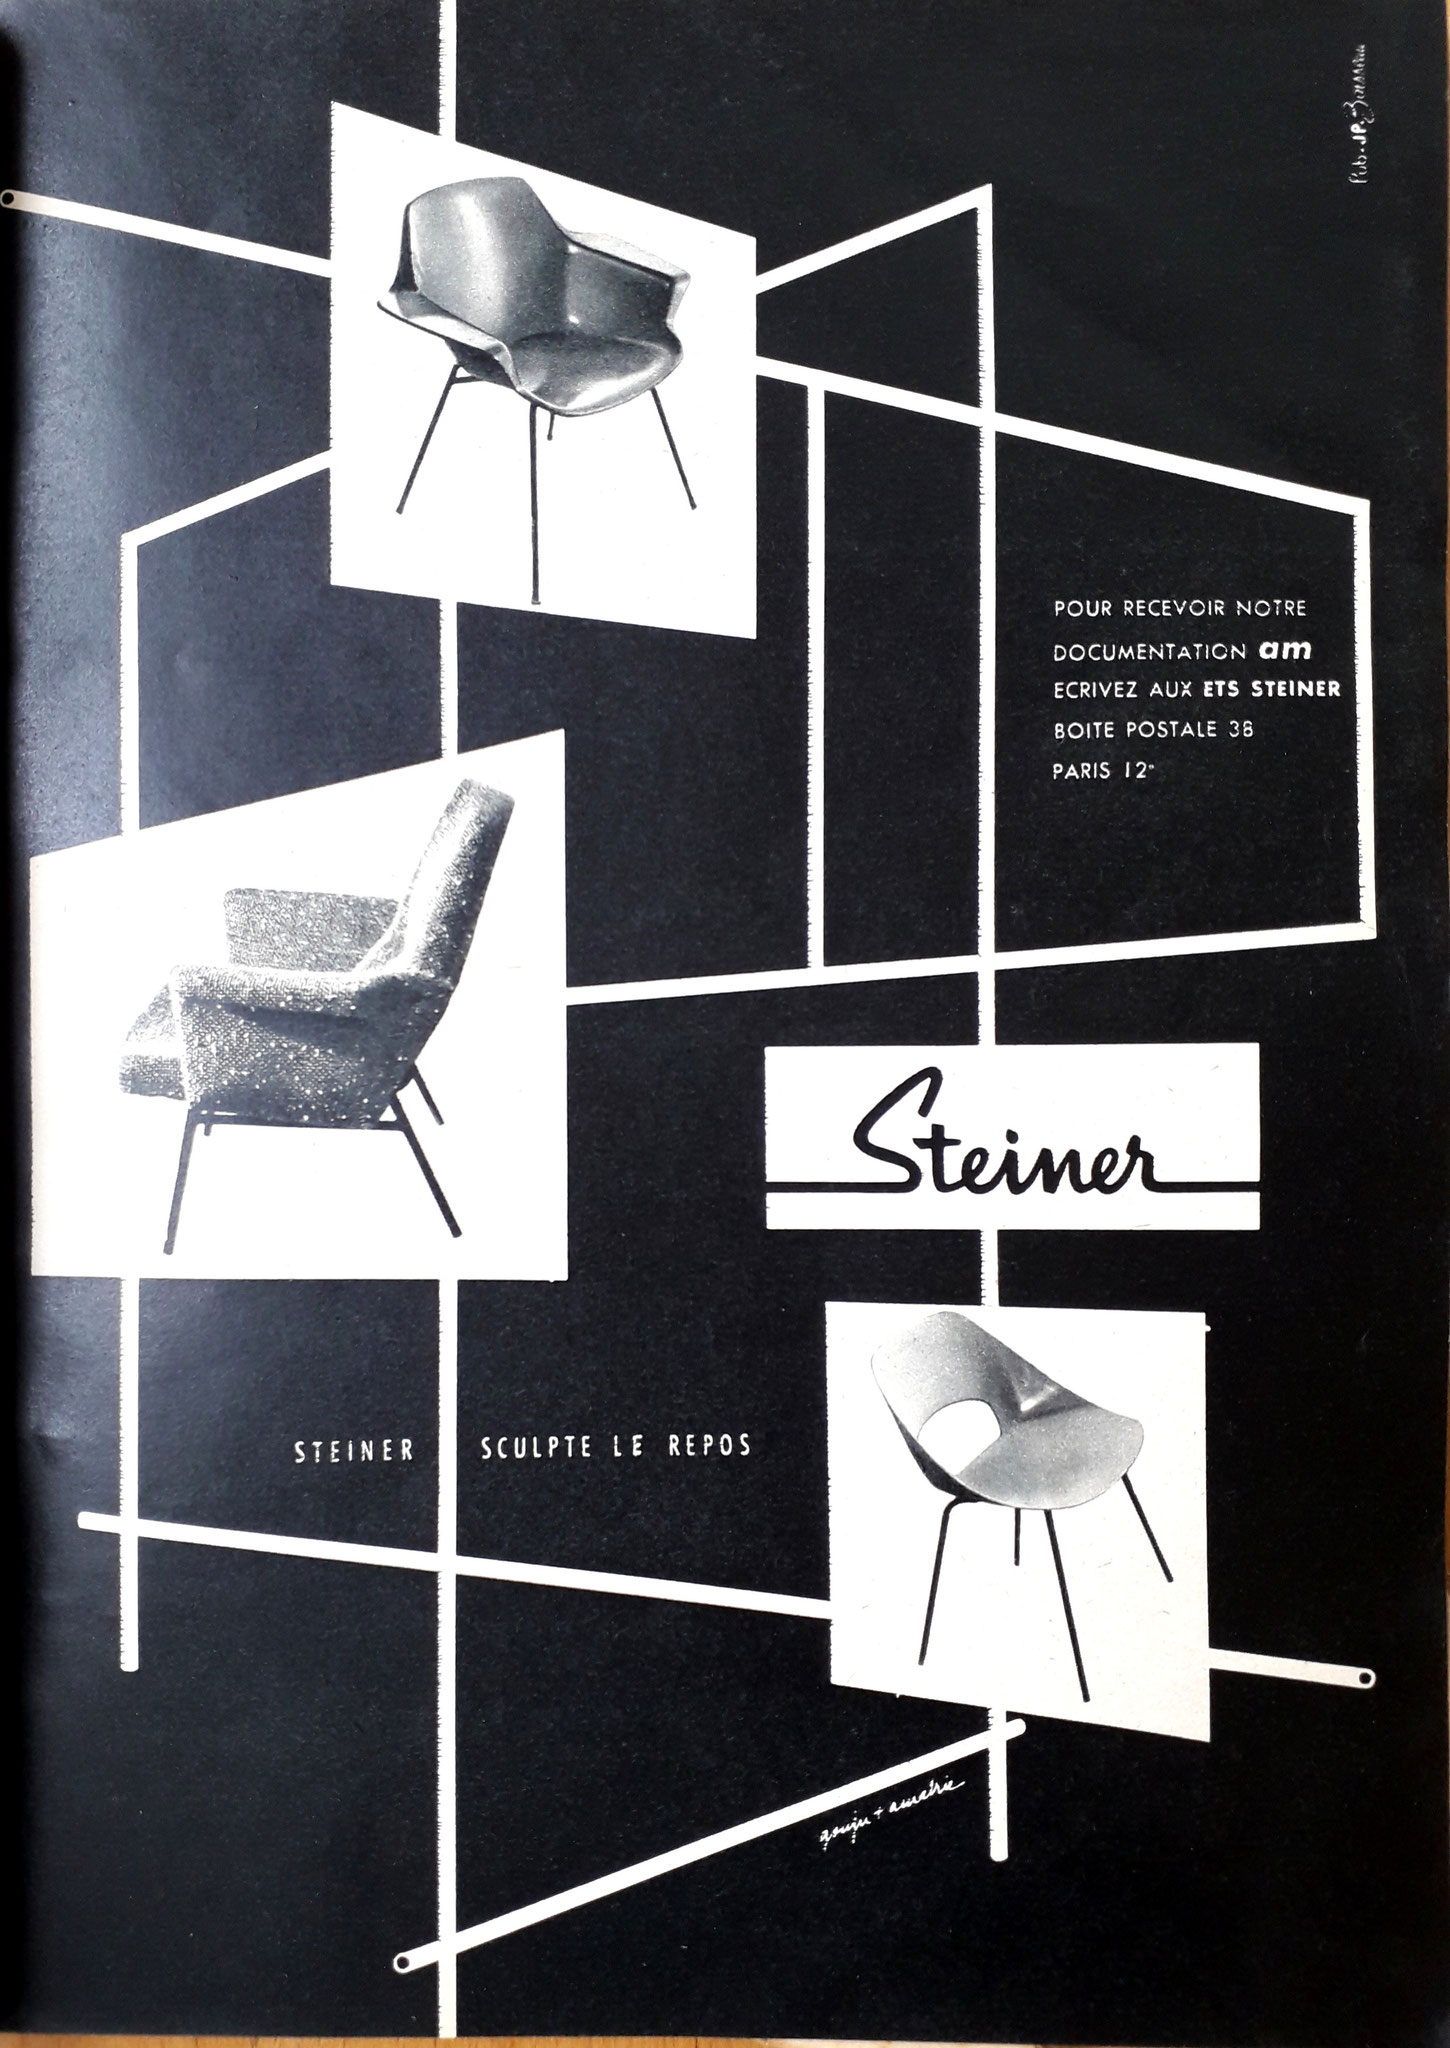 Publicité Steiner, c. 1954